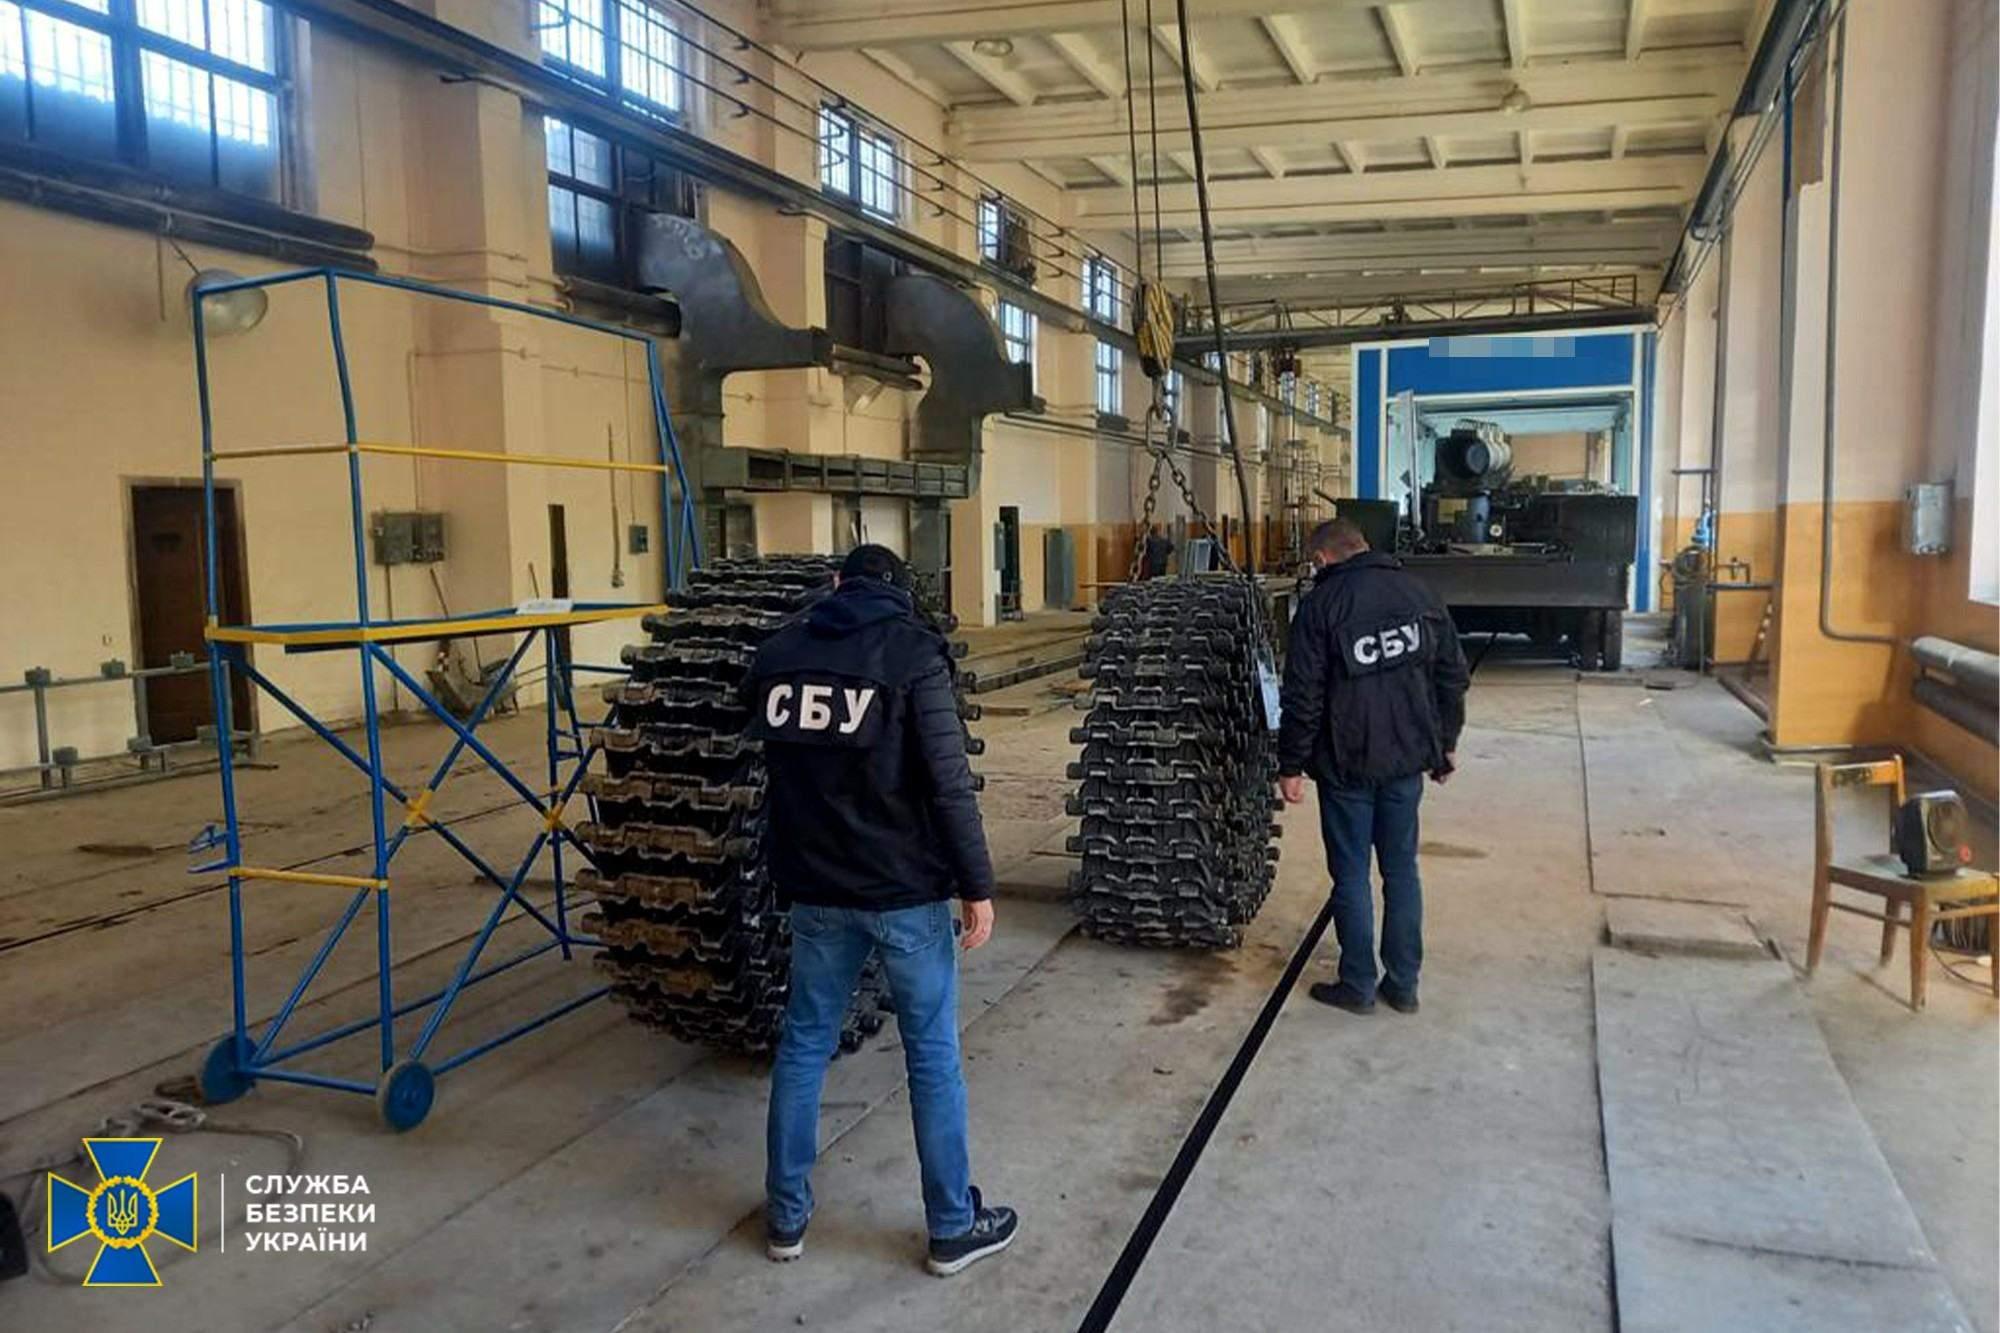 Контррозвідка СБУ викрила корупційну схему на Львівському бронетанковому заводі